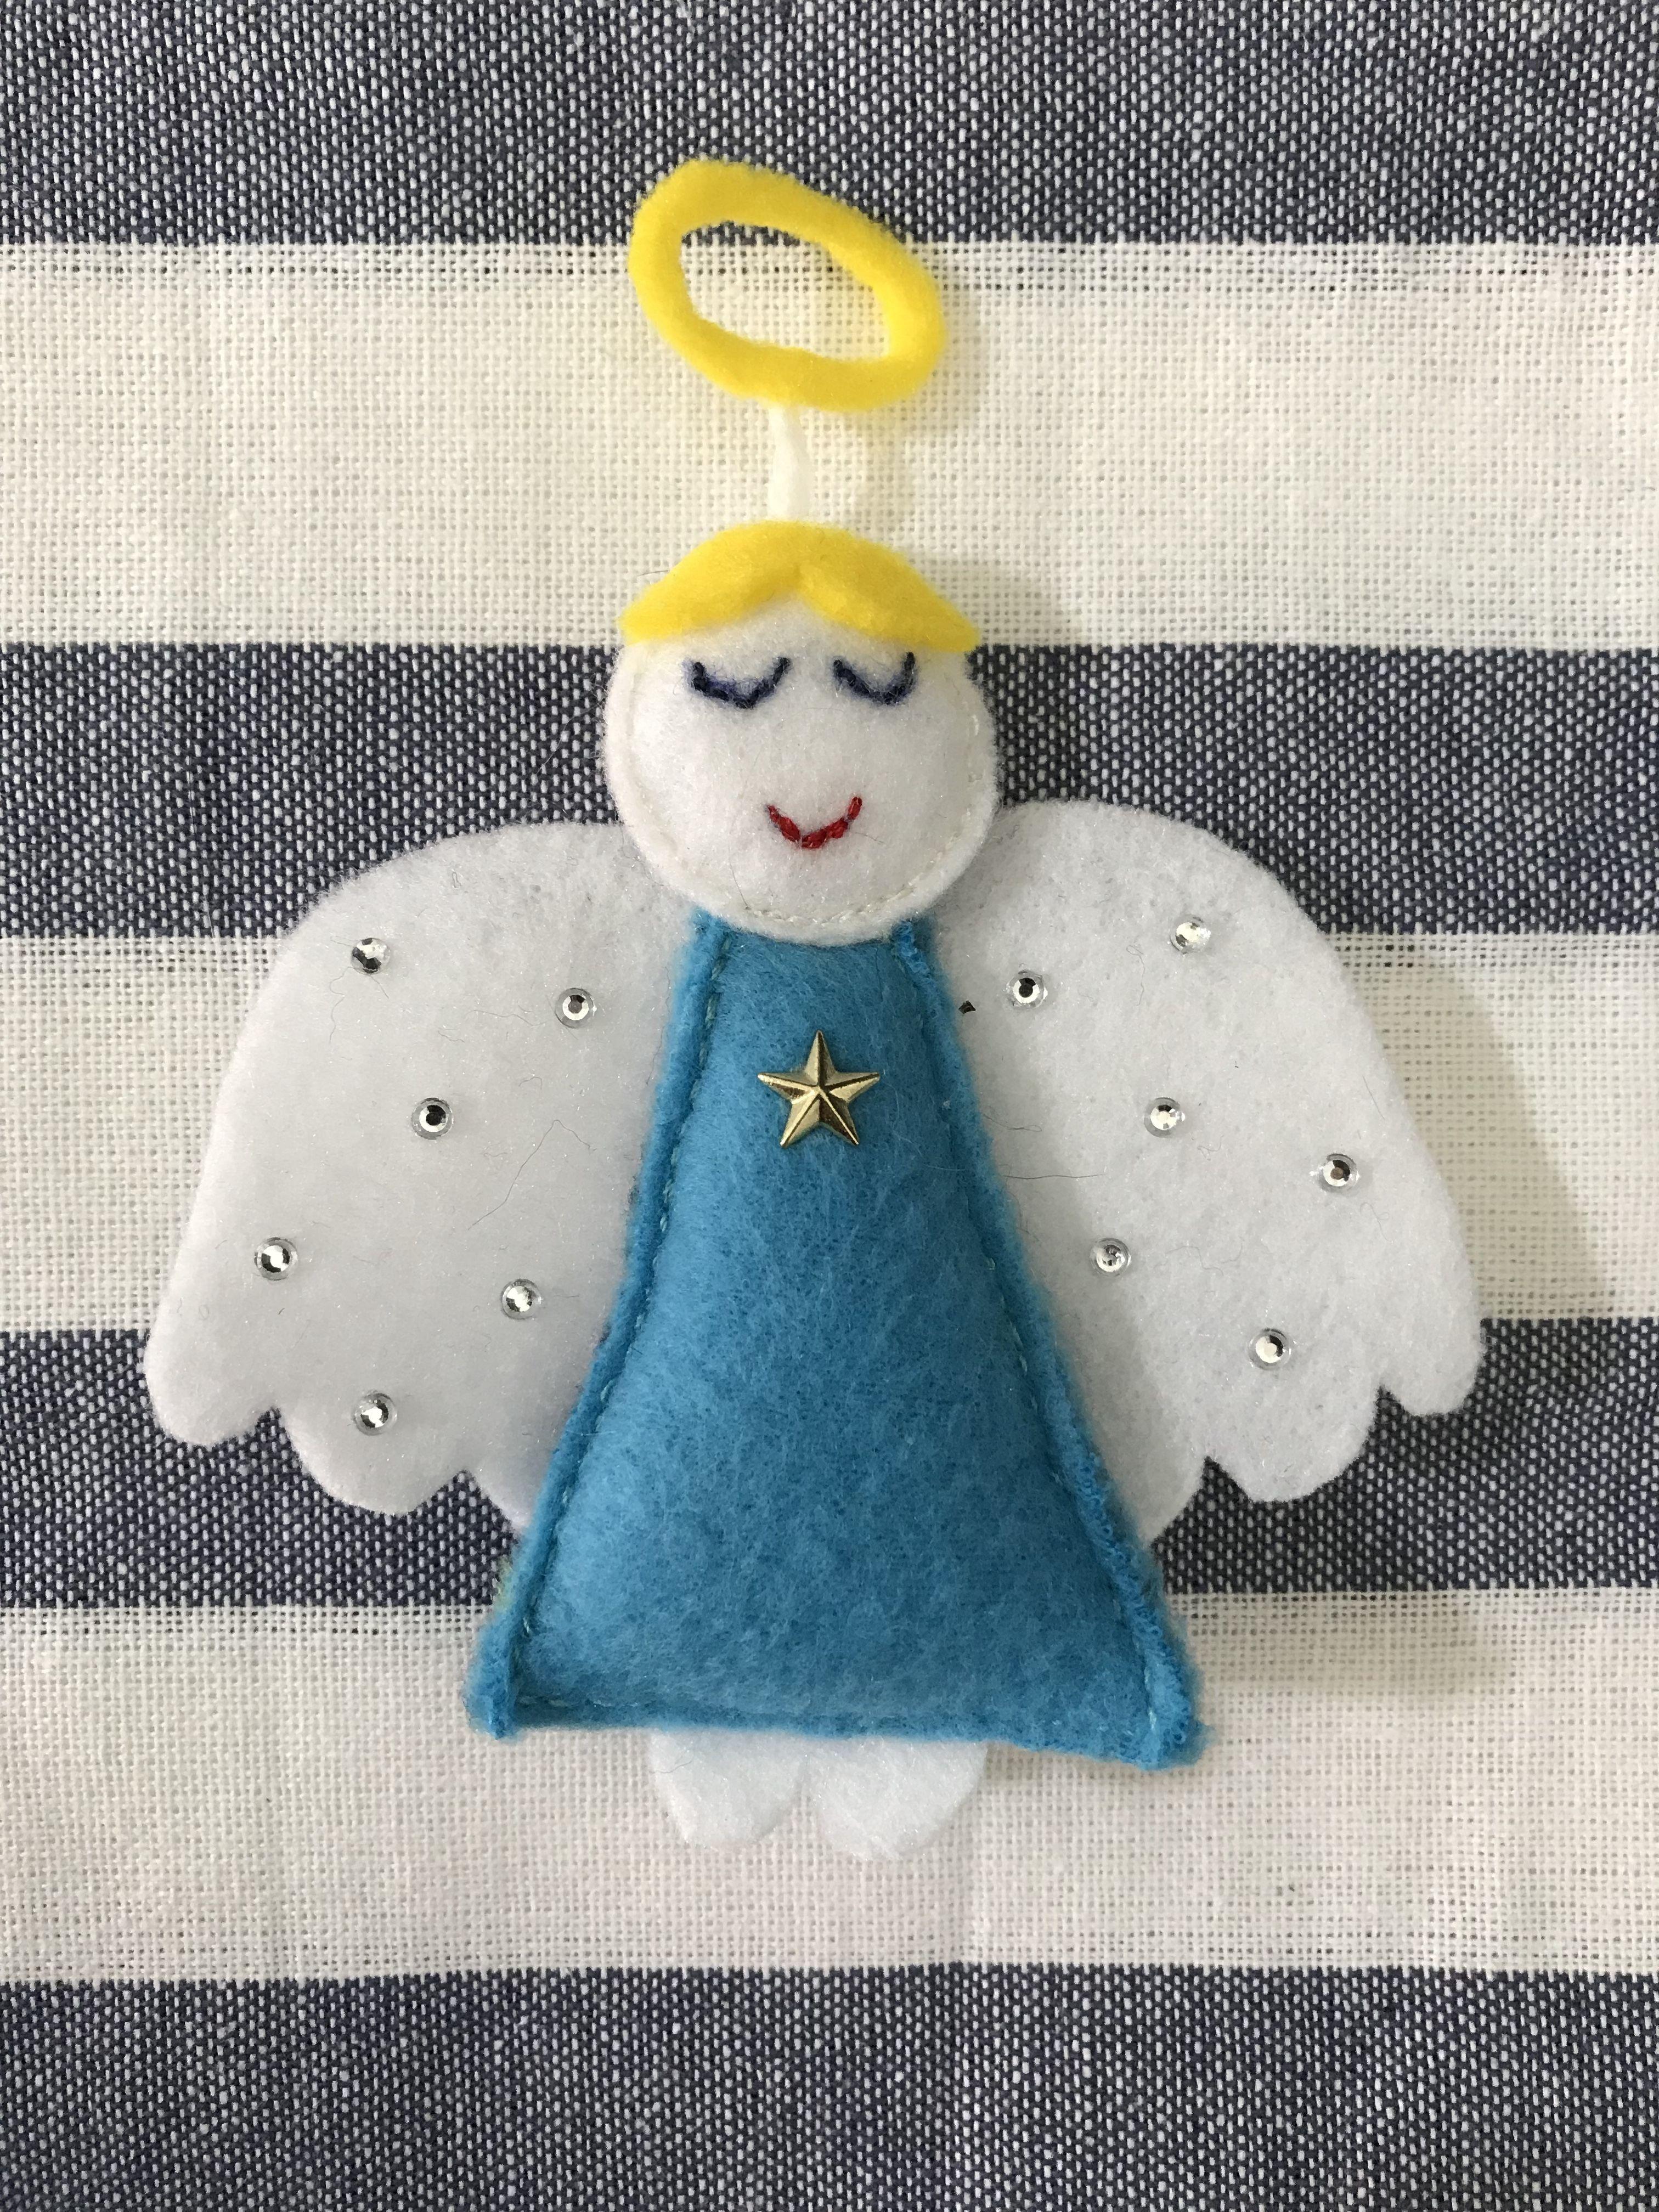 Diy Felt Angel Felt Felting Feltcraft Christmas Ornament Diy Angel Myagkie Igrushki Zakladki Igrushki